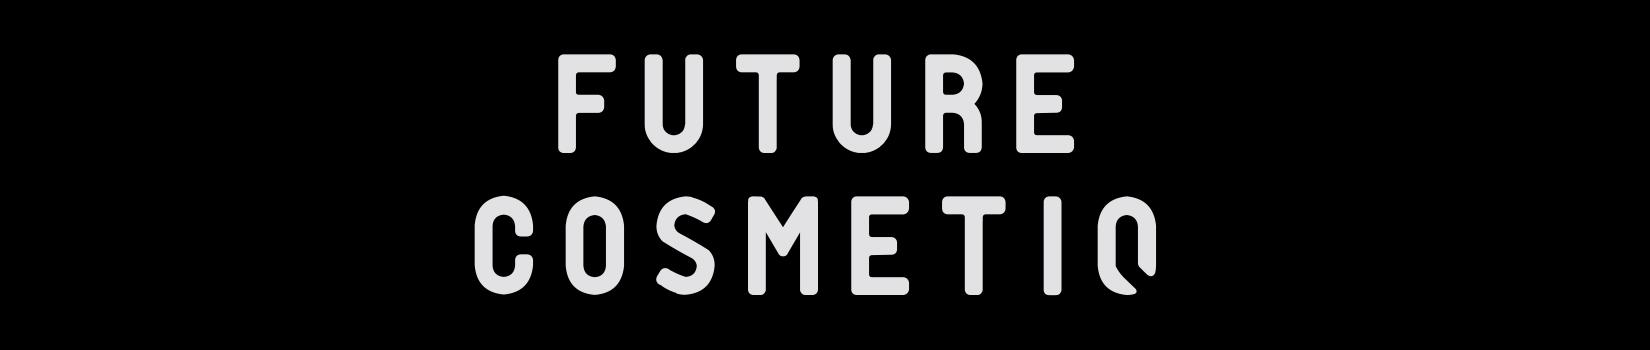 Future Cosmetiq